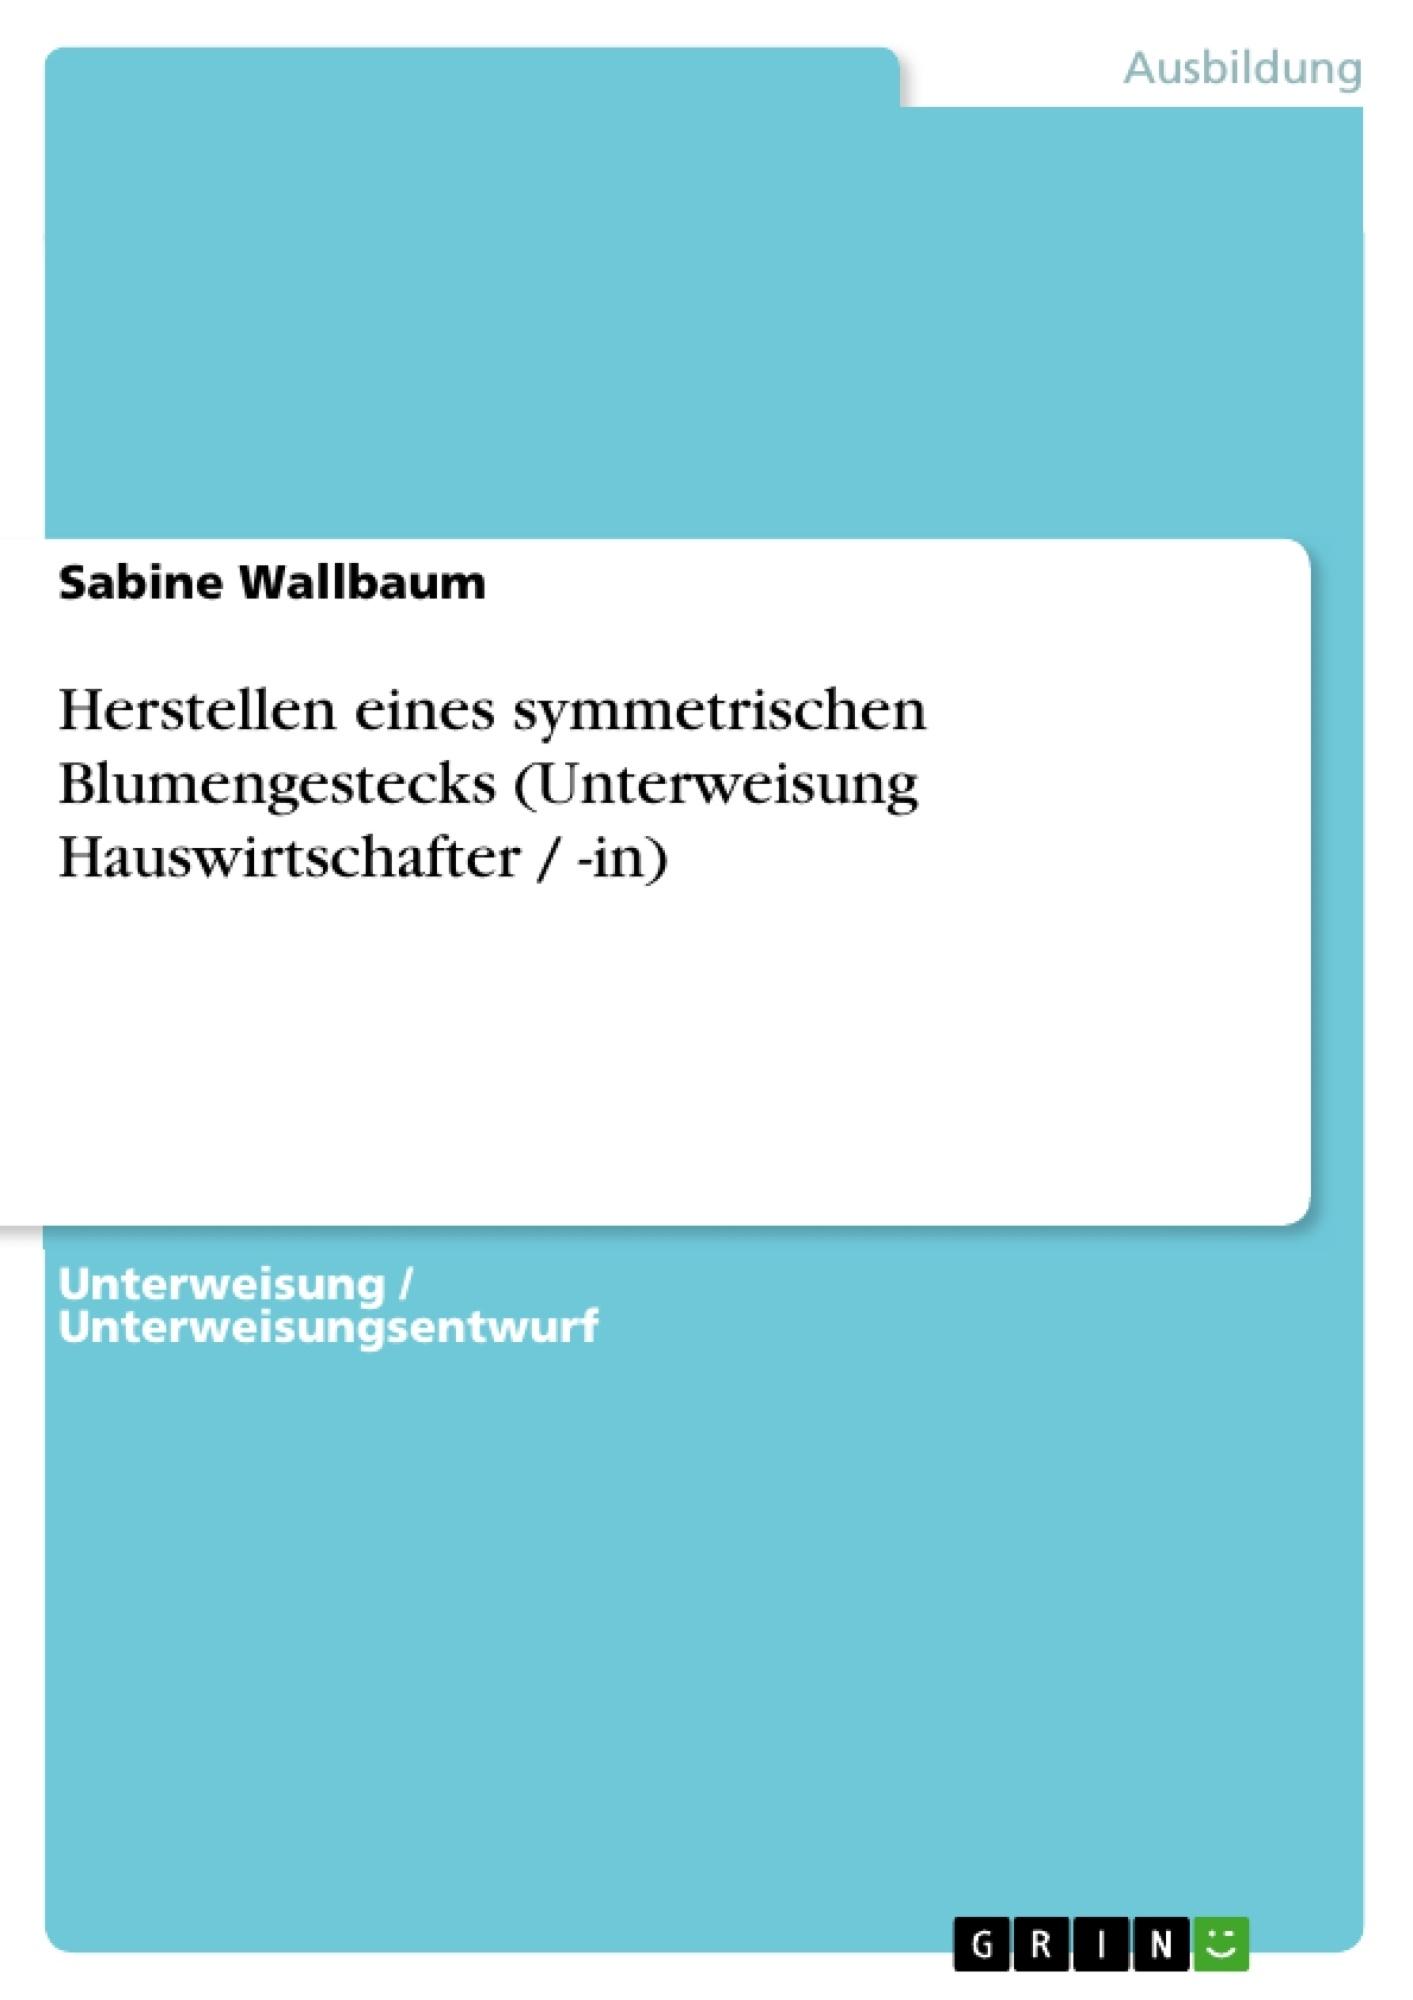 Titel: Herstellen eines symmetrischen Blumengestecks (Unterweisung Hauswirtschafter / -in)